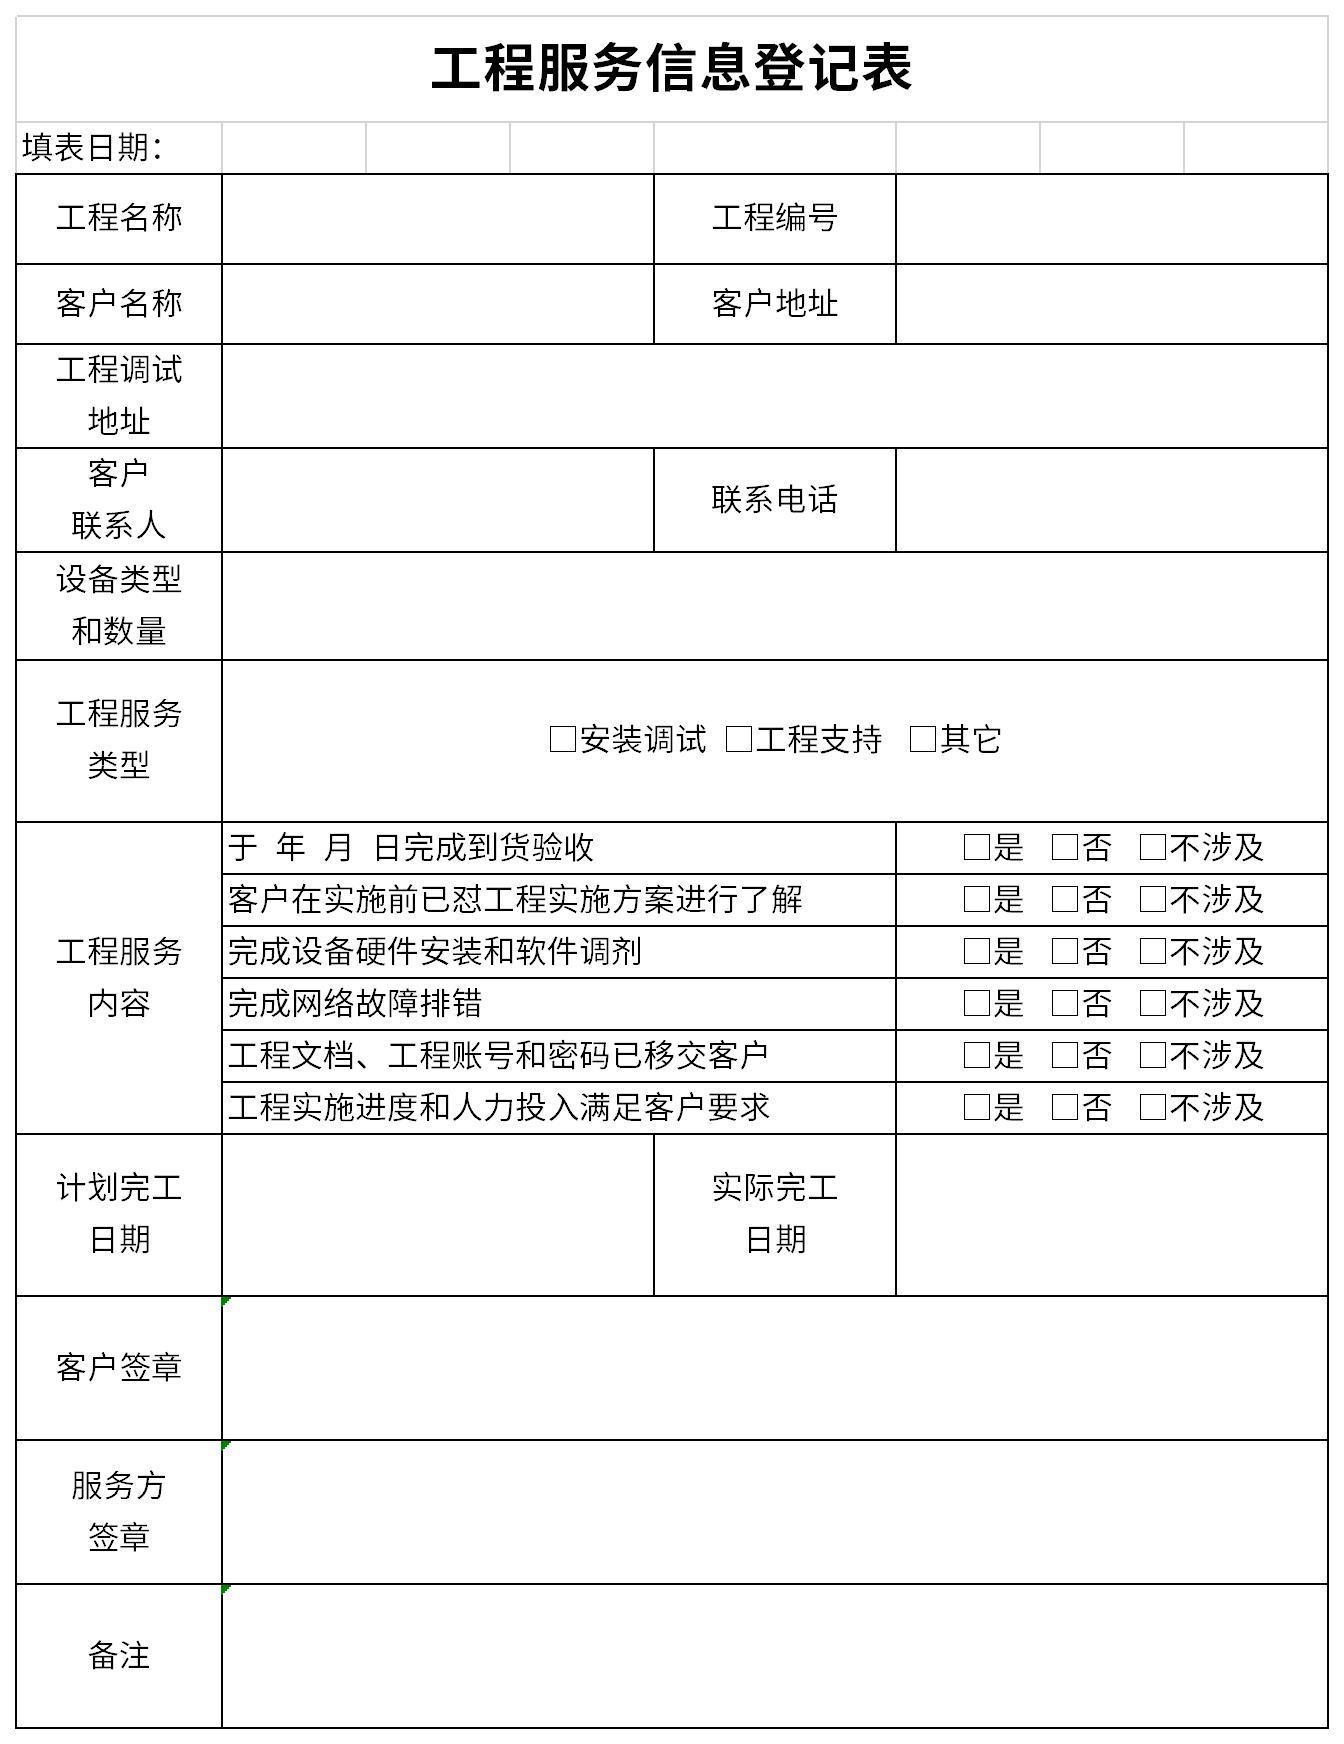 工程服务信息登记表截图